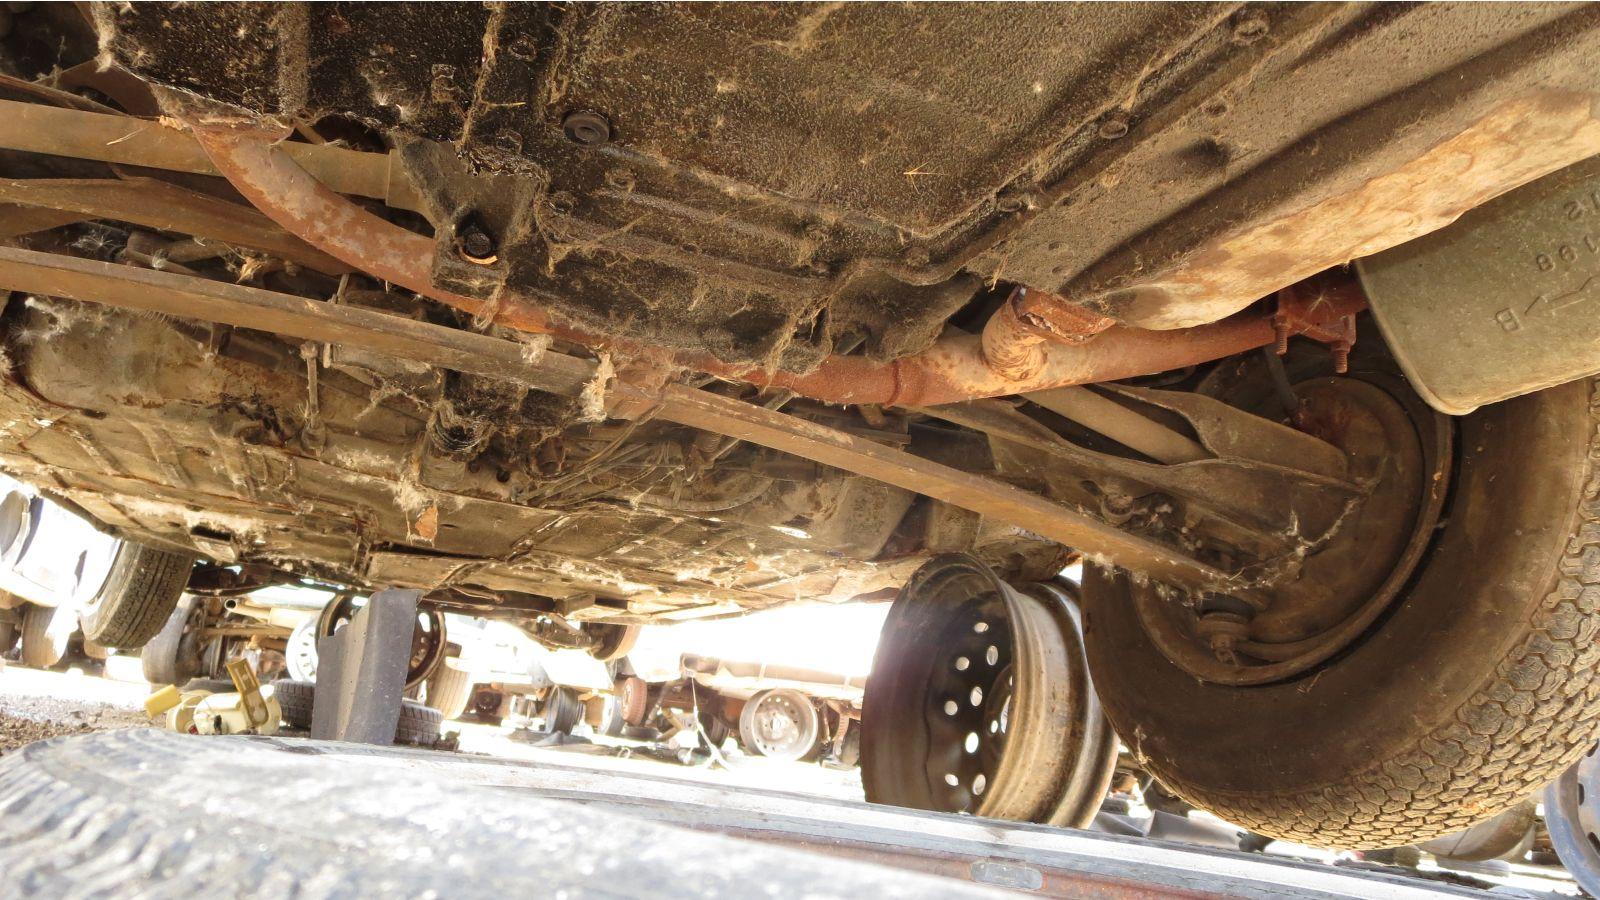 1964 Chevrolet Corvair rear suspension